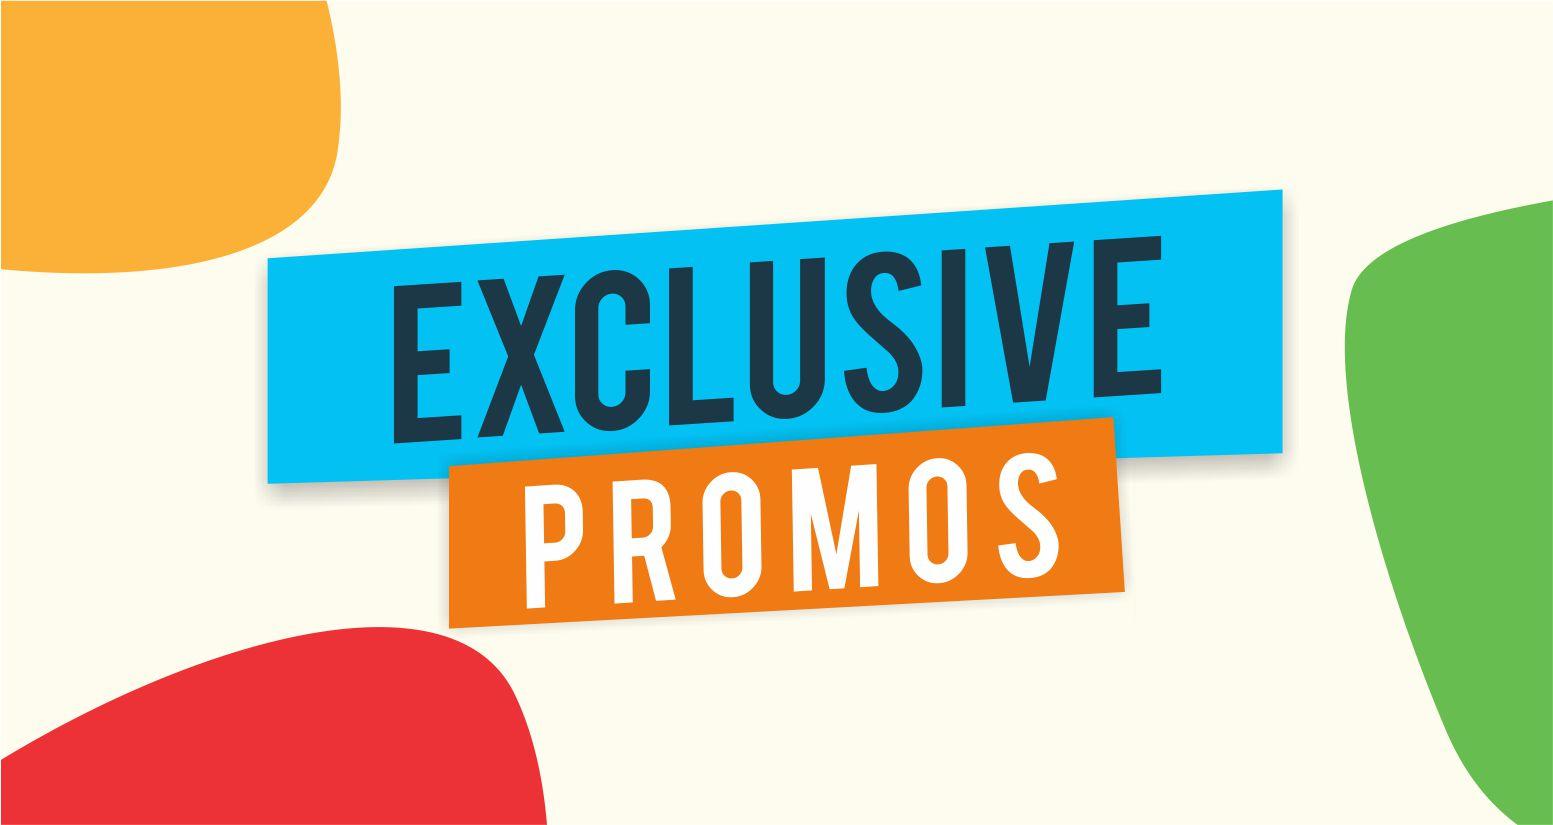 Exclusive Promos